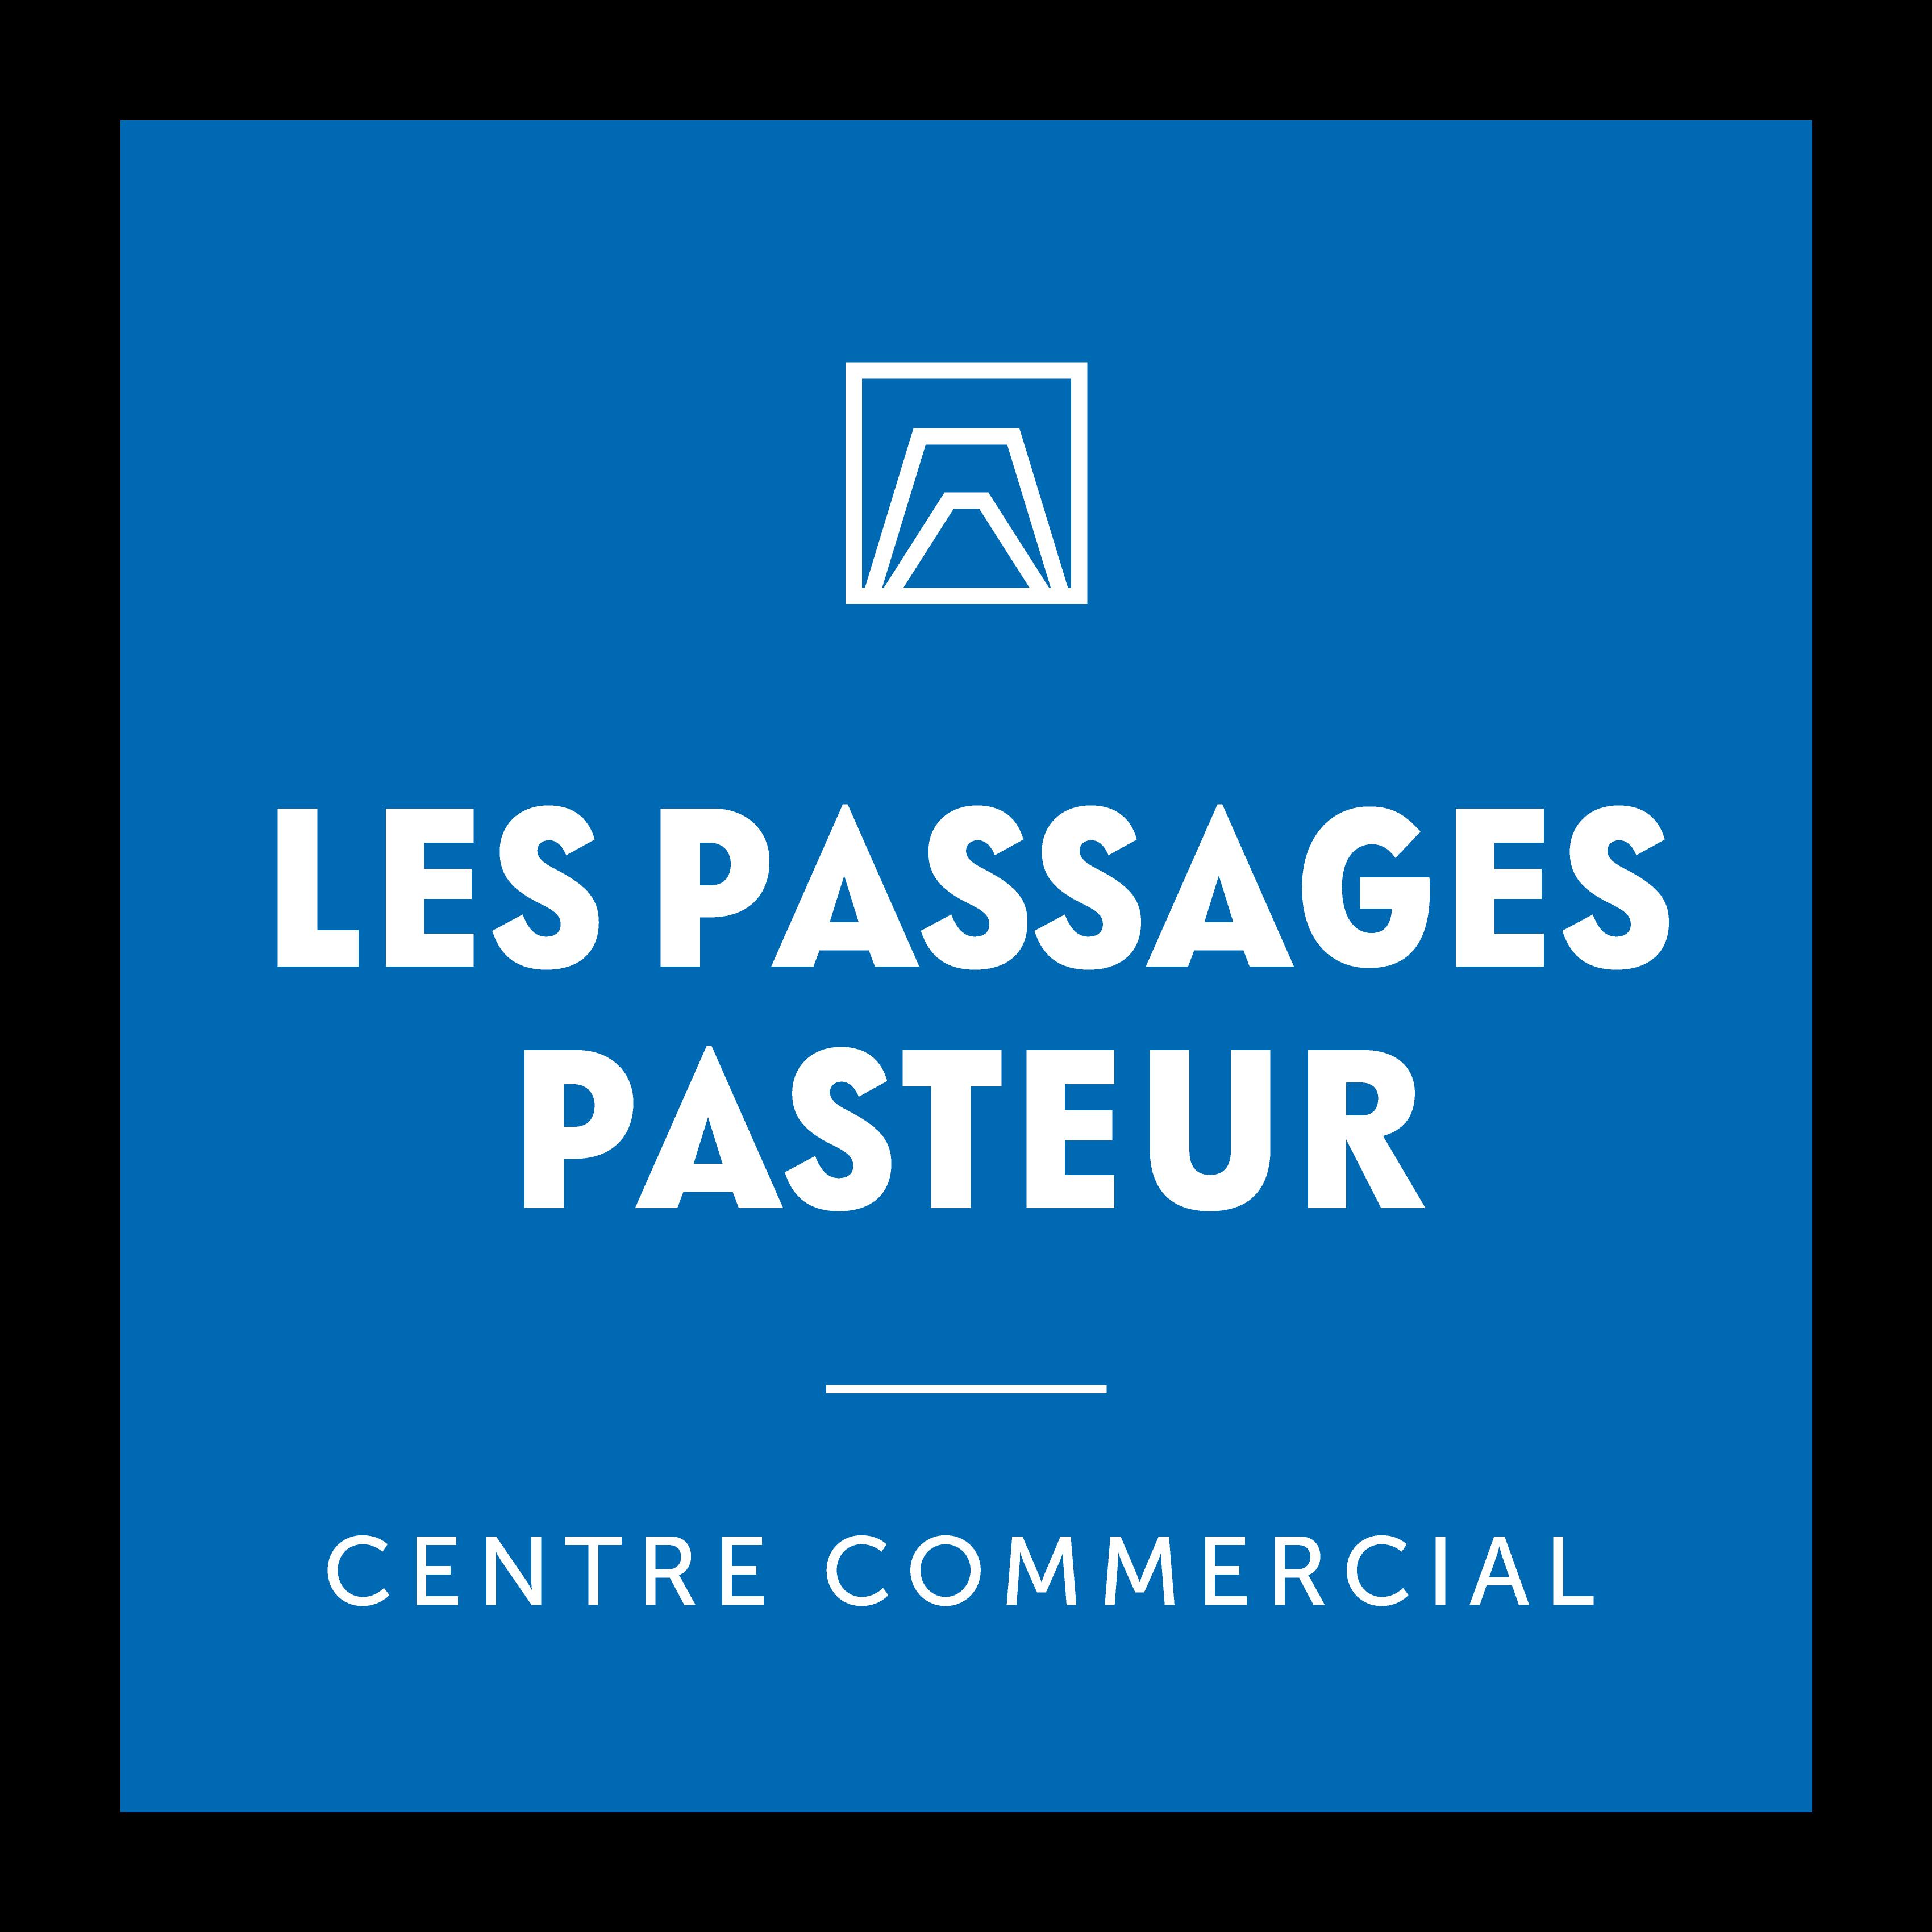 Les Passages Pasteur